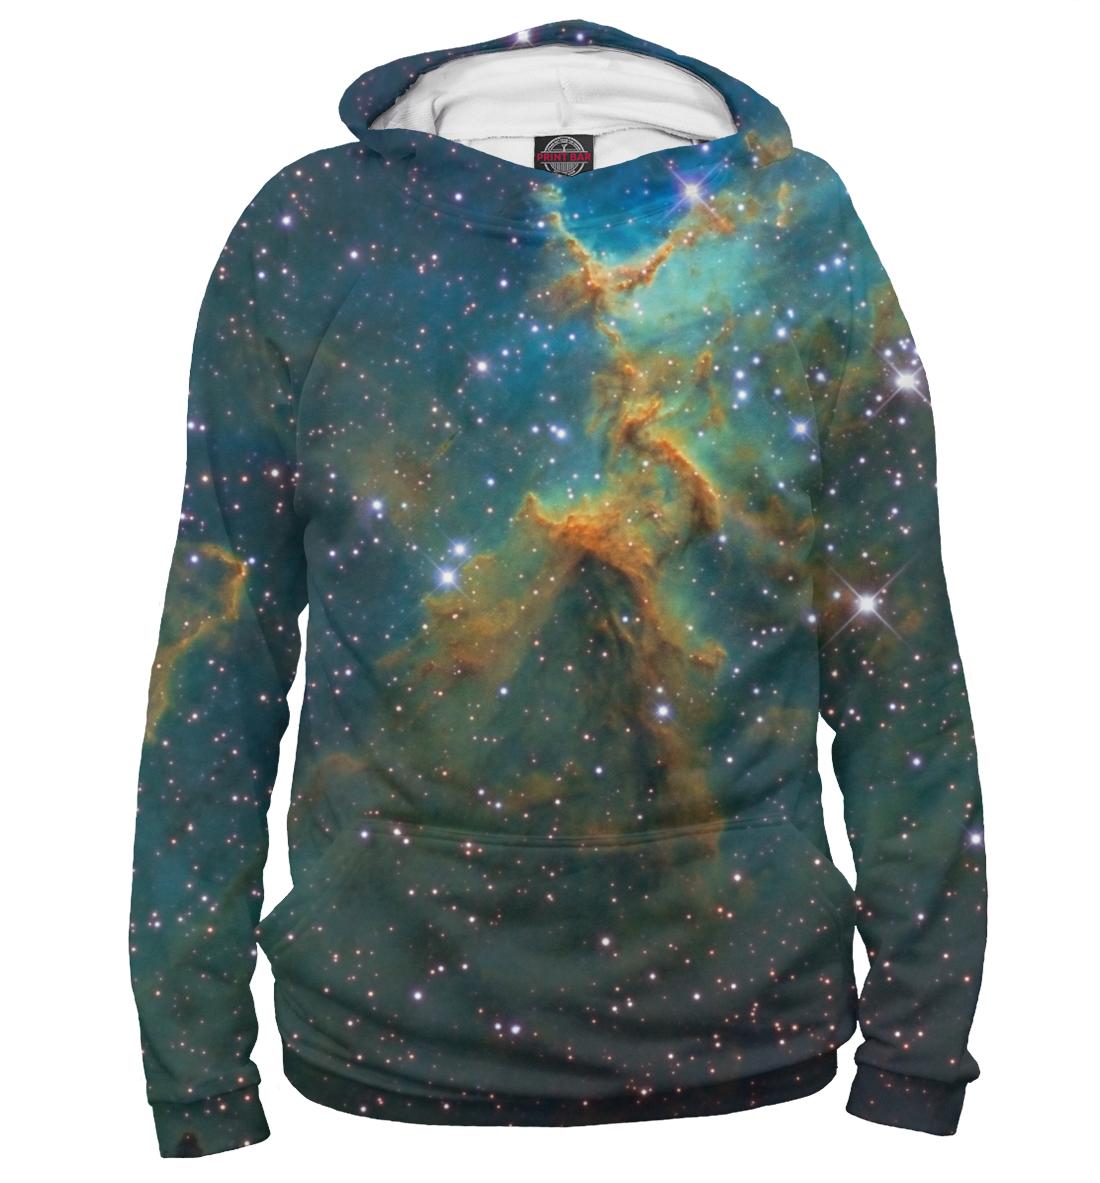 Купить Космос, ты просто космос, Printbar, Худи, SPA-624746-hud-1